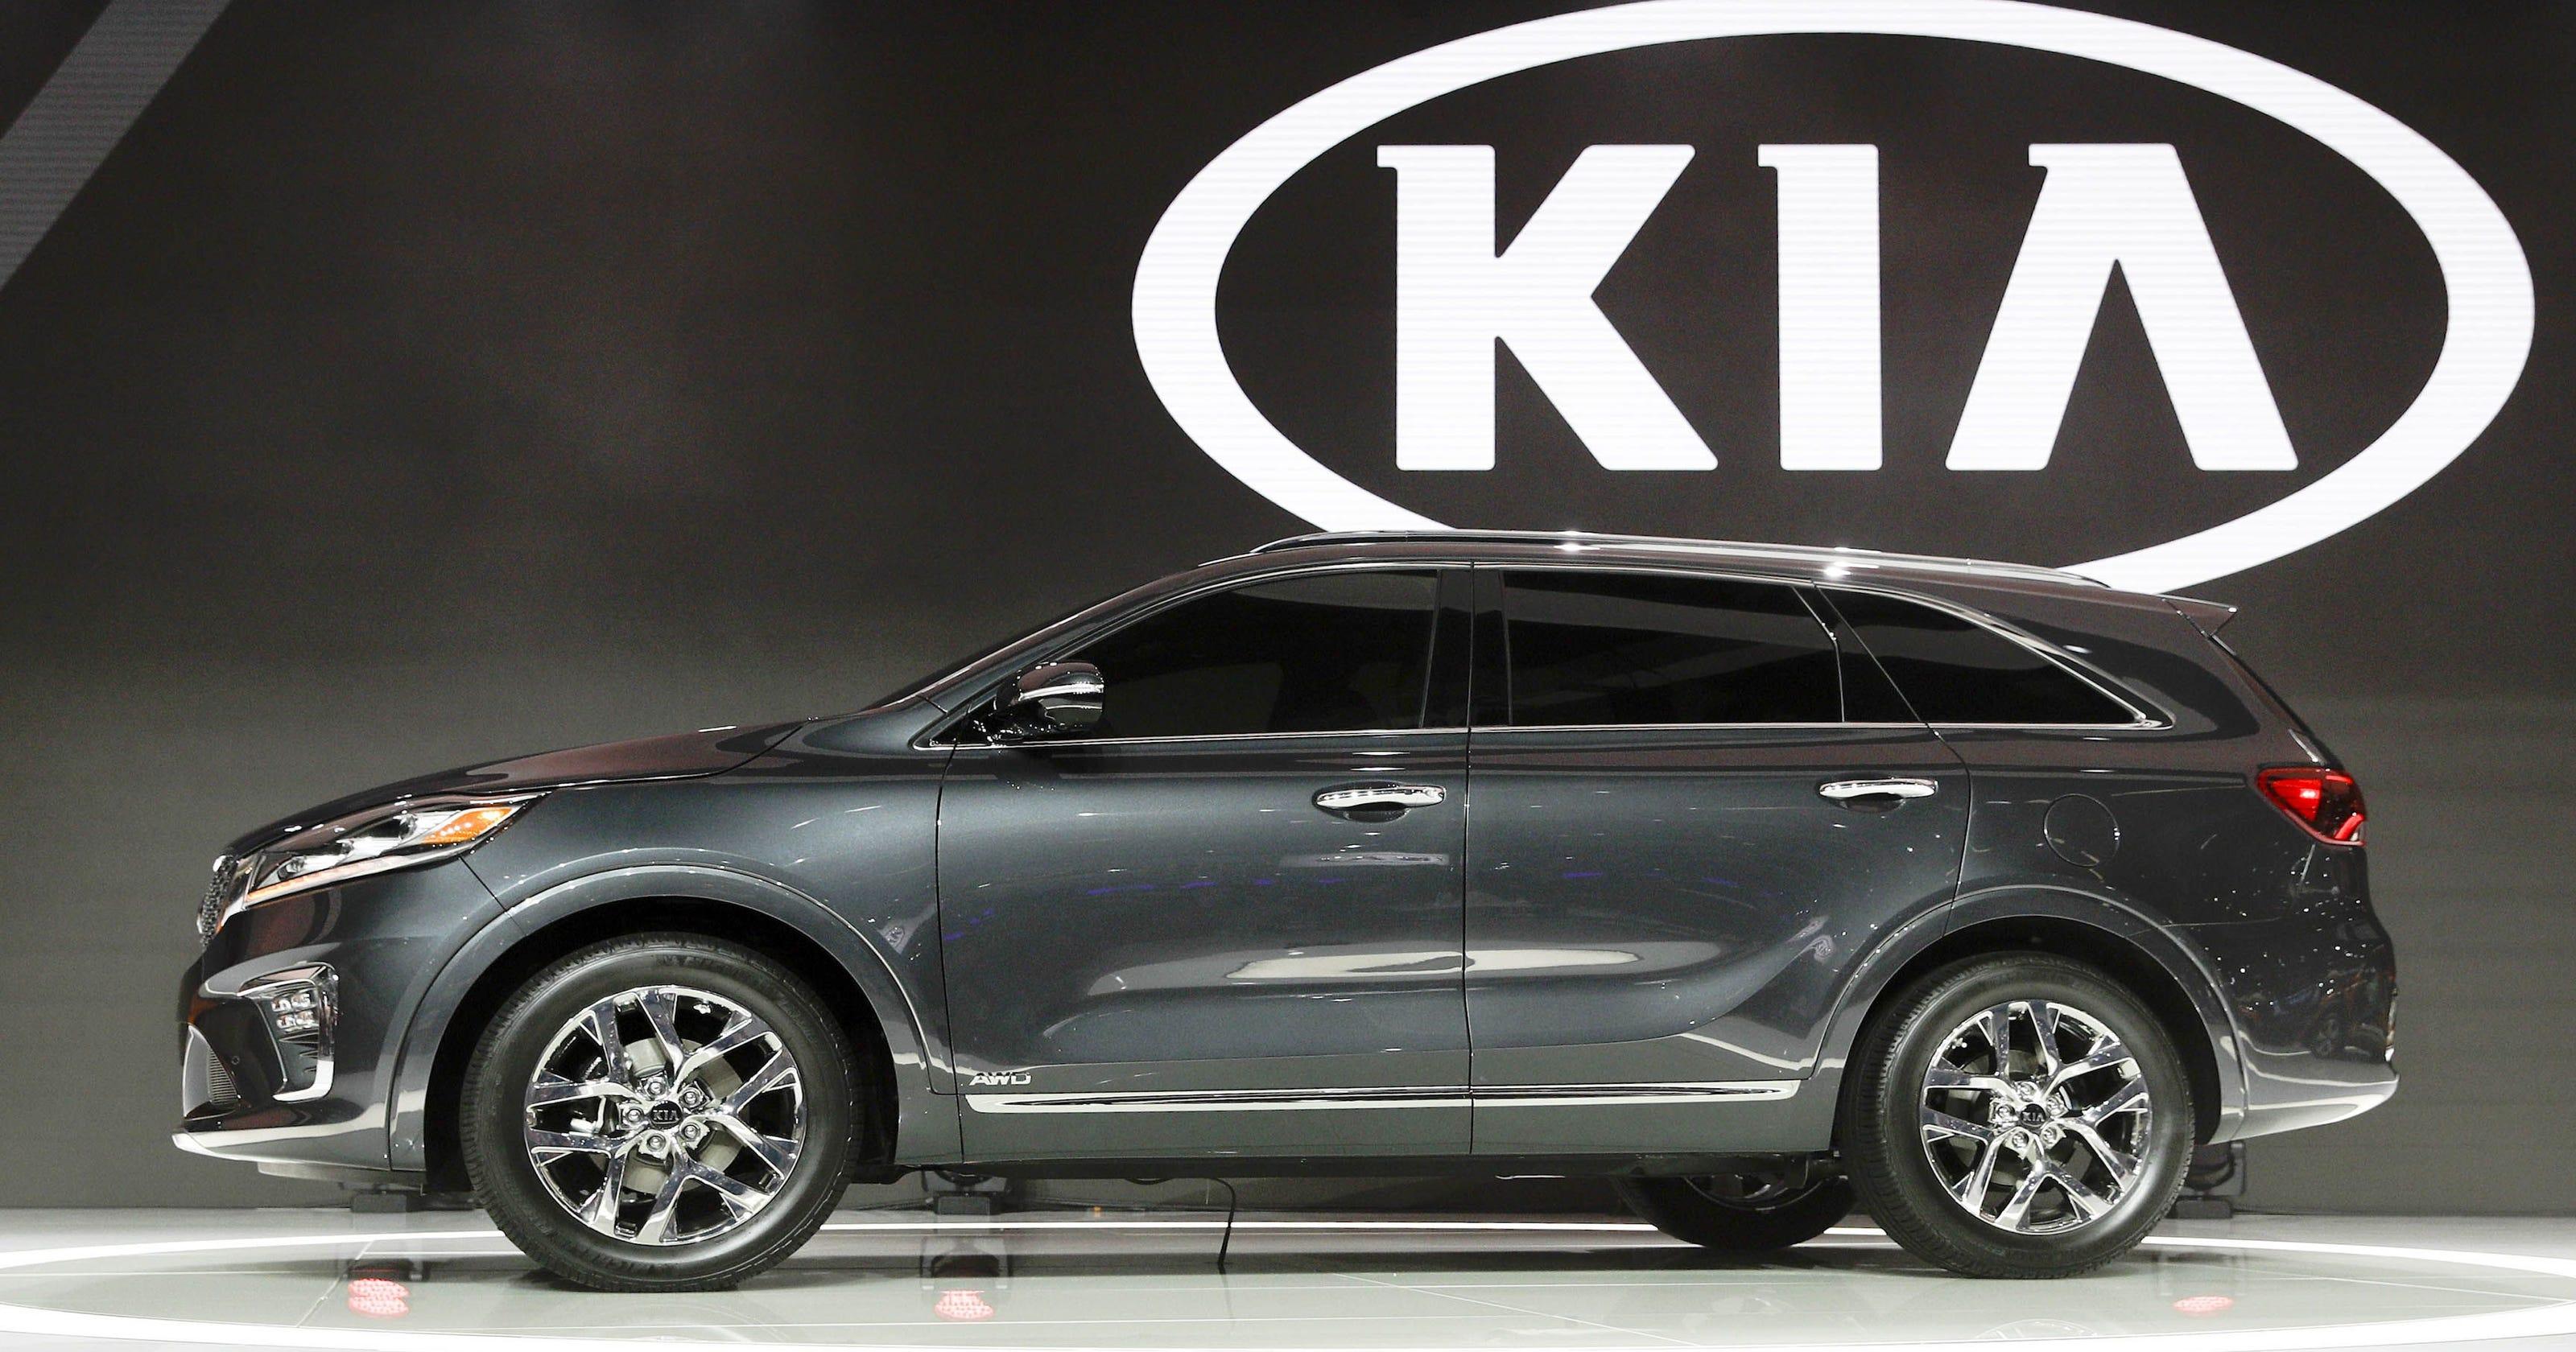 LA Auto Show Kia Sorento Will Be Safer Have Offroad Game - Kia car show